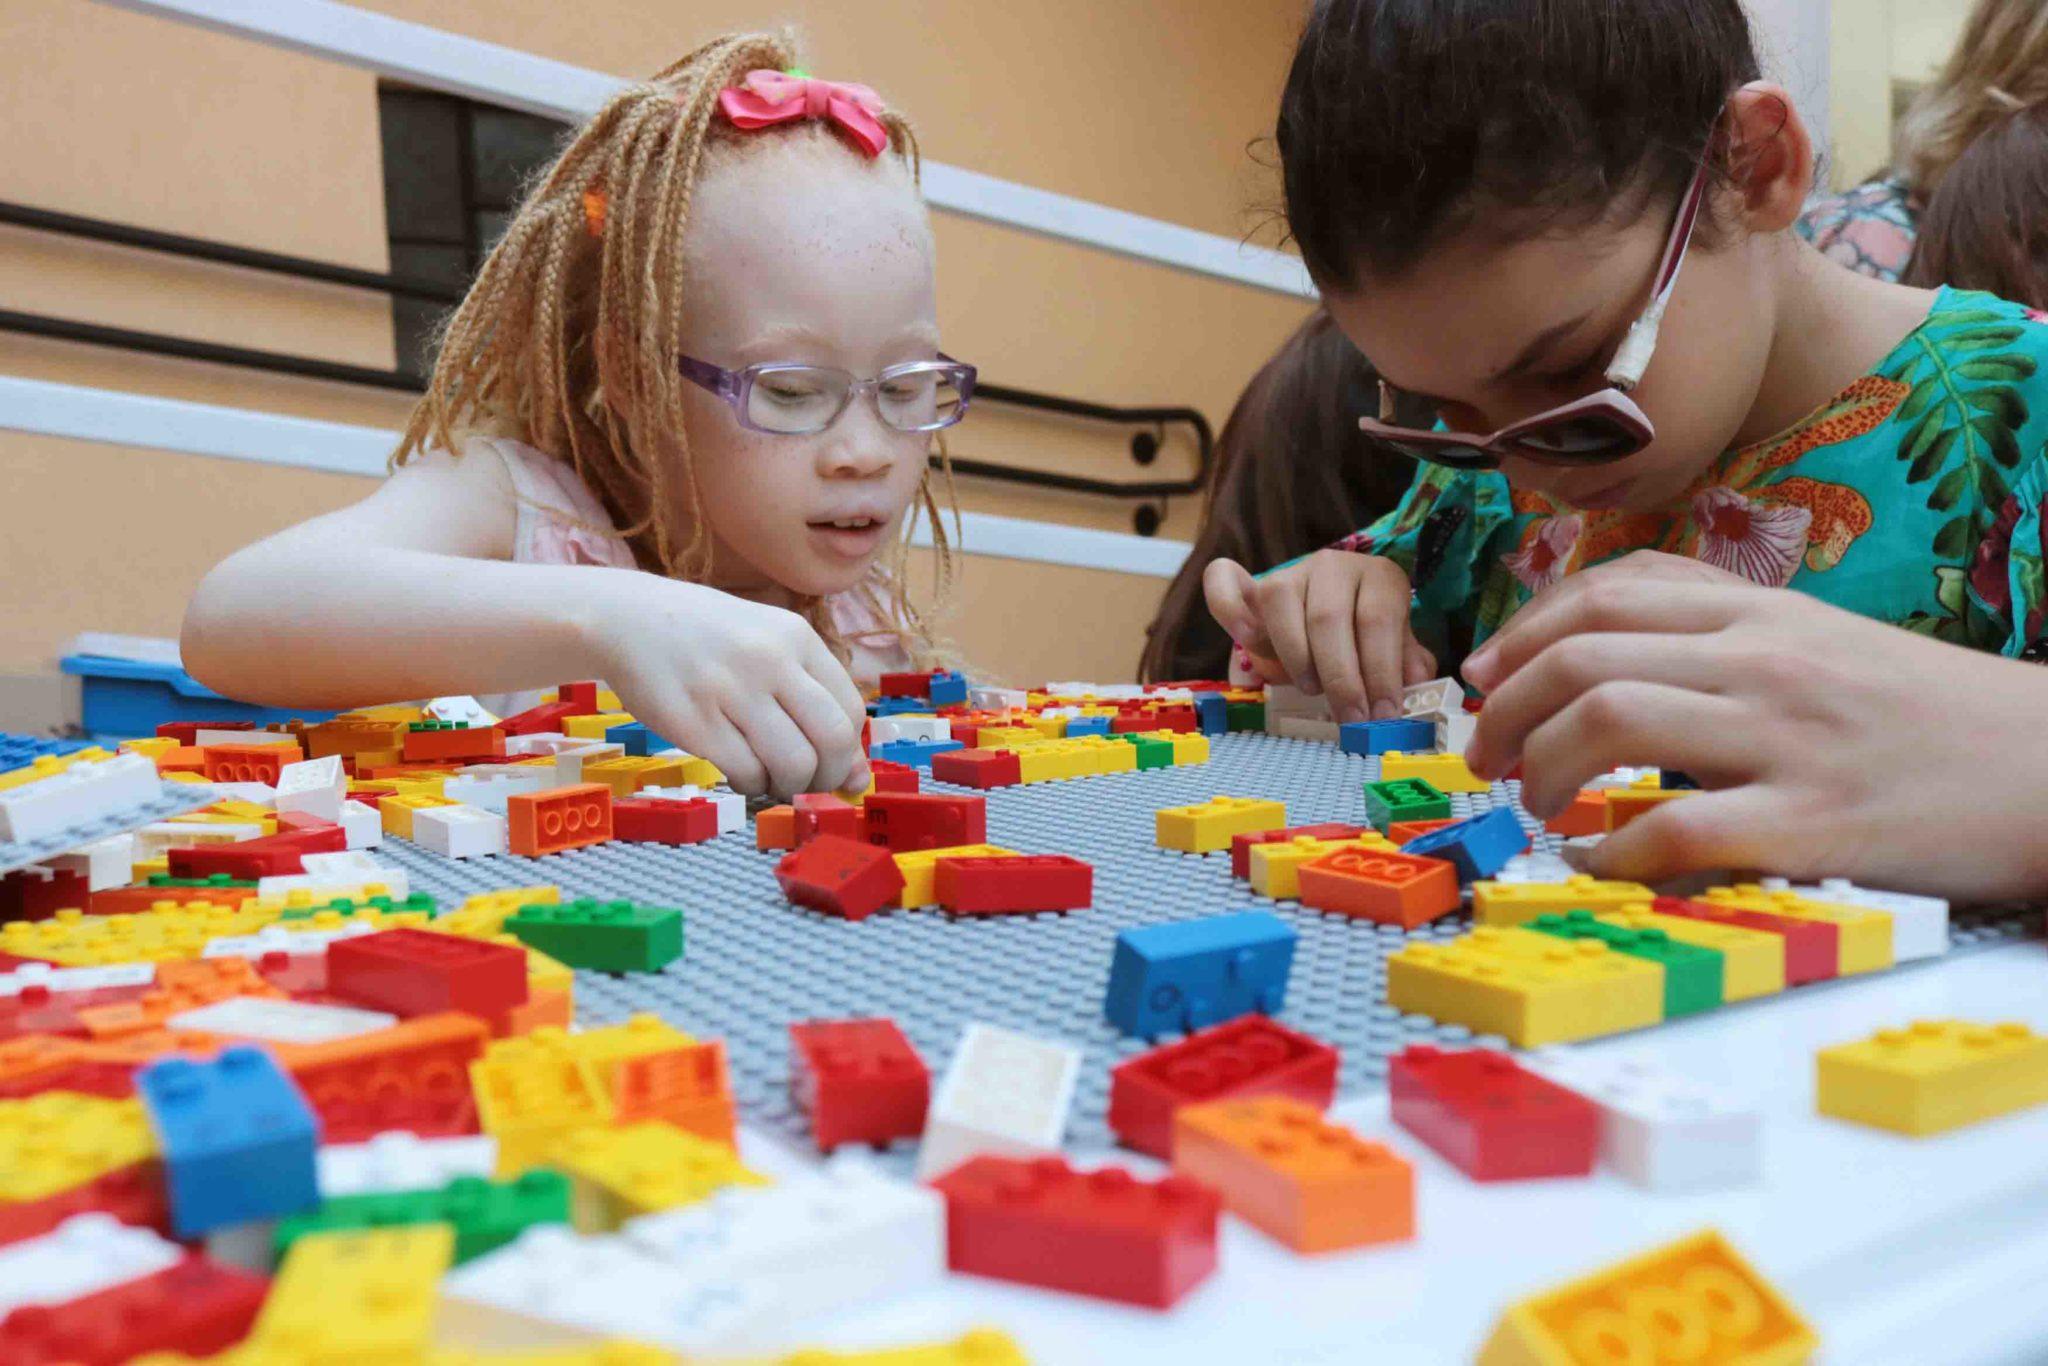 meninas deficientes visuais brincando peças lego